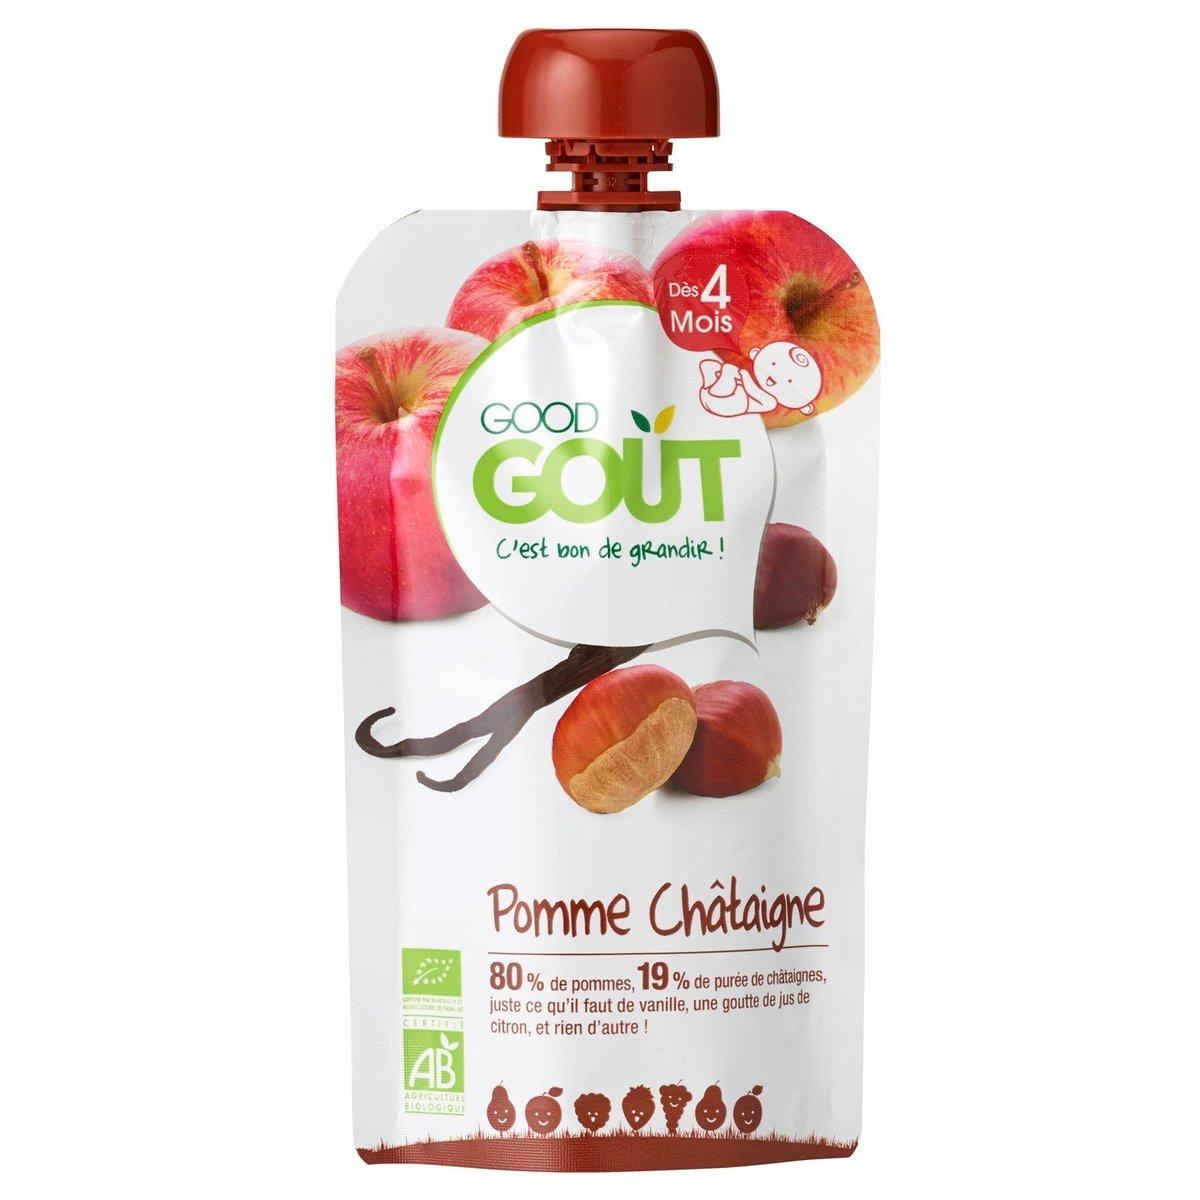 法國直送 - GOOD GOUT - 蘋果栗子果汁 (適合4個月以上)  - 120g